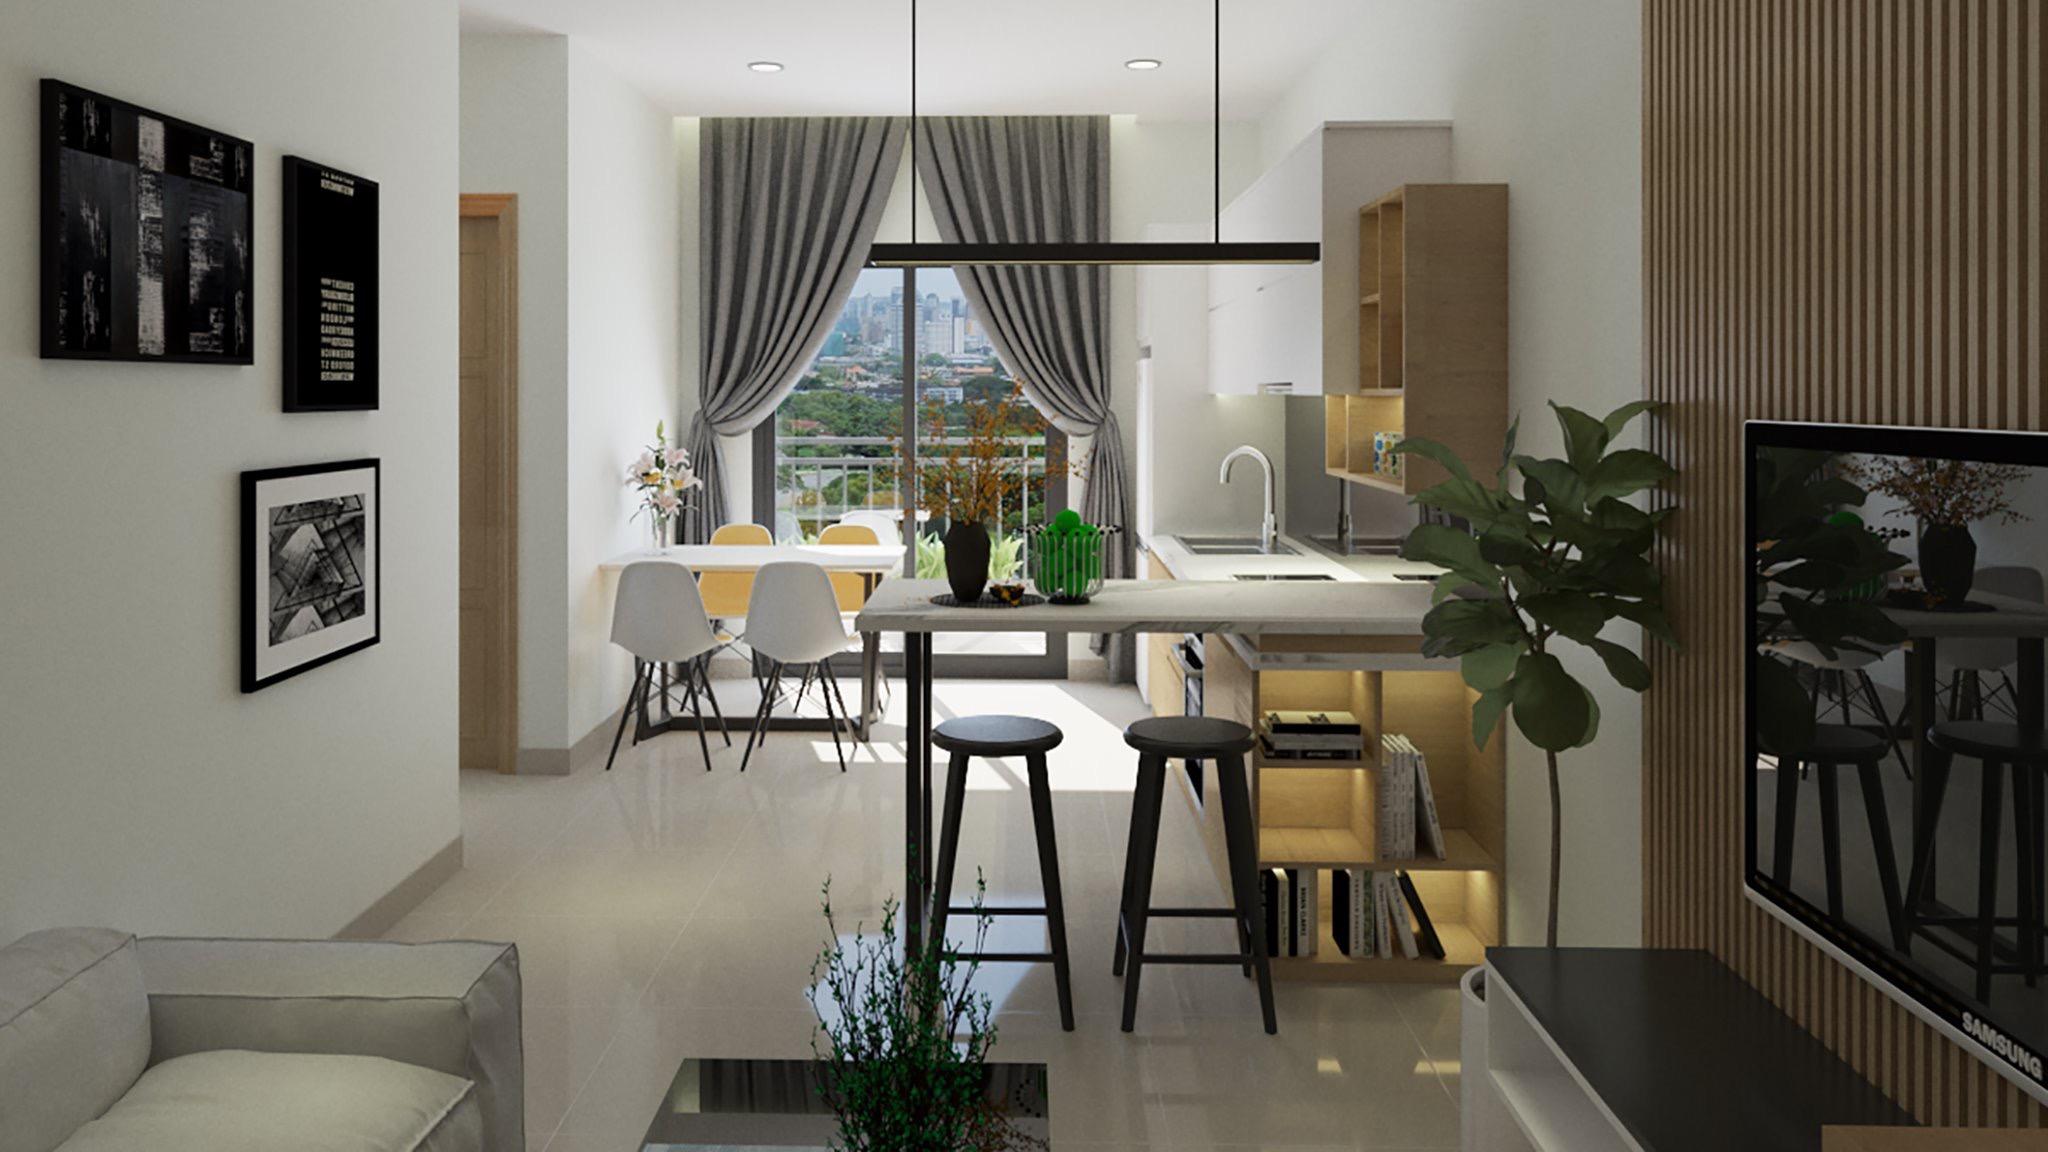 thiết kế nội thất chung cư tại Hồ Chí Minh Căn hộ anh Sáng 3 1562434320